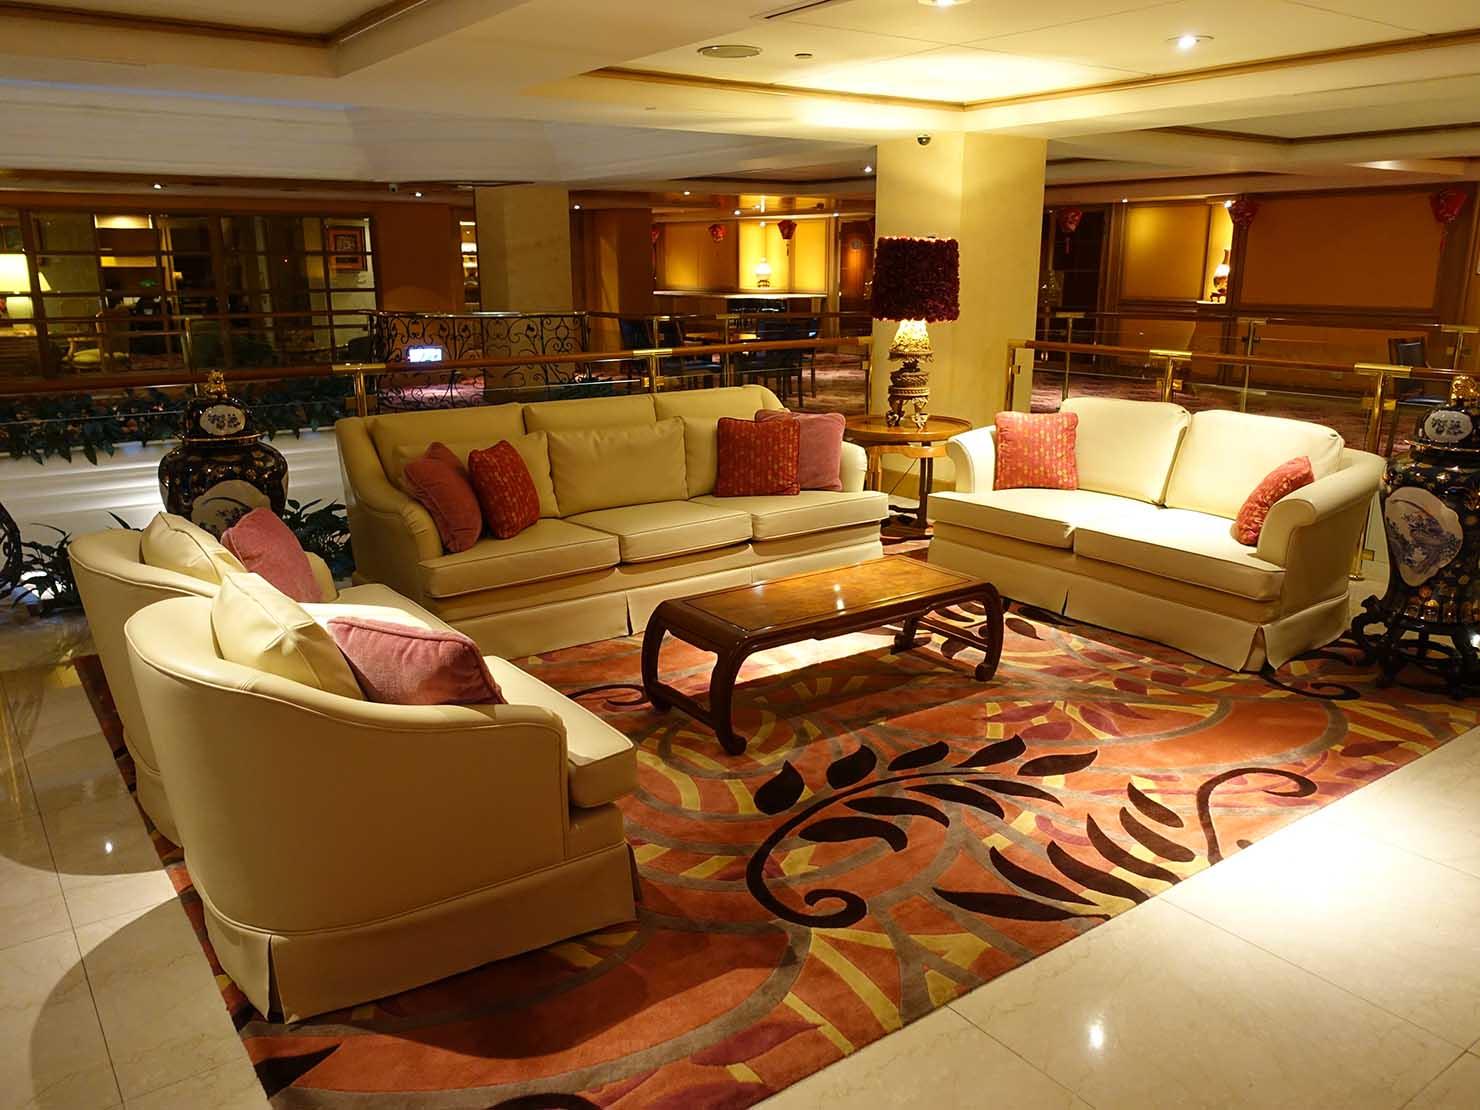 台北のおすすめ4つ星ホテル「歐華酒店(リビエラホテル)」2階のソファ